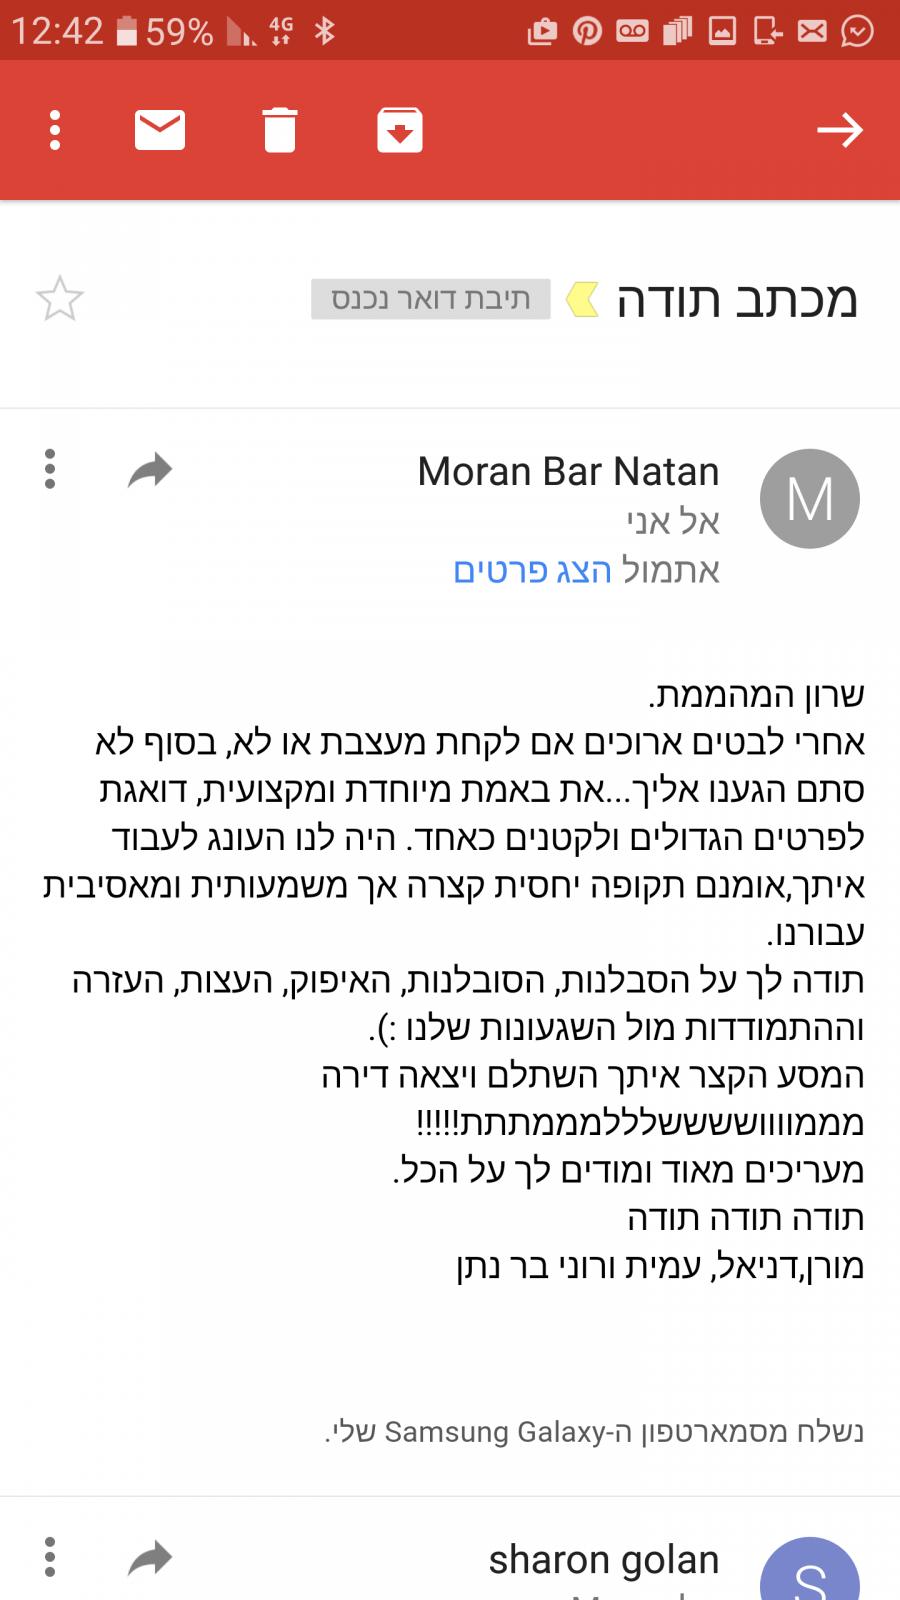 מורן, דניאל,  עמית ורוני בר נתן